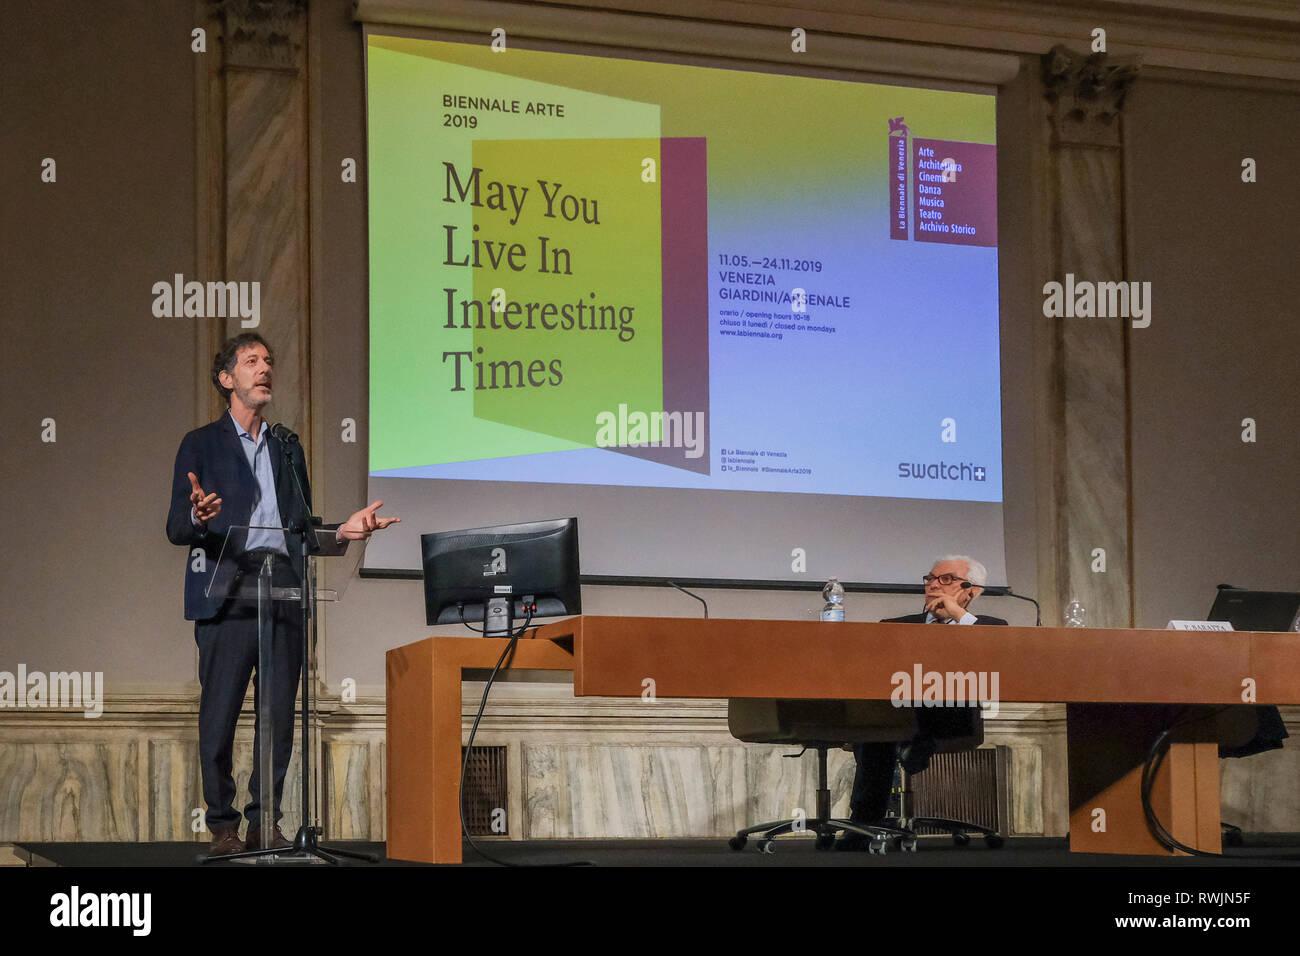 Art Biennale Venice 2019 Stock Photos & Art Biennale Venice 2019